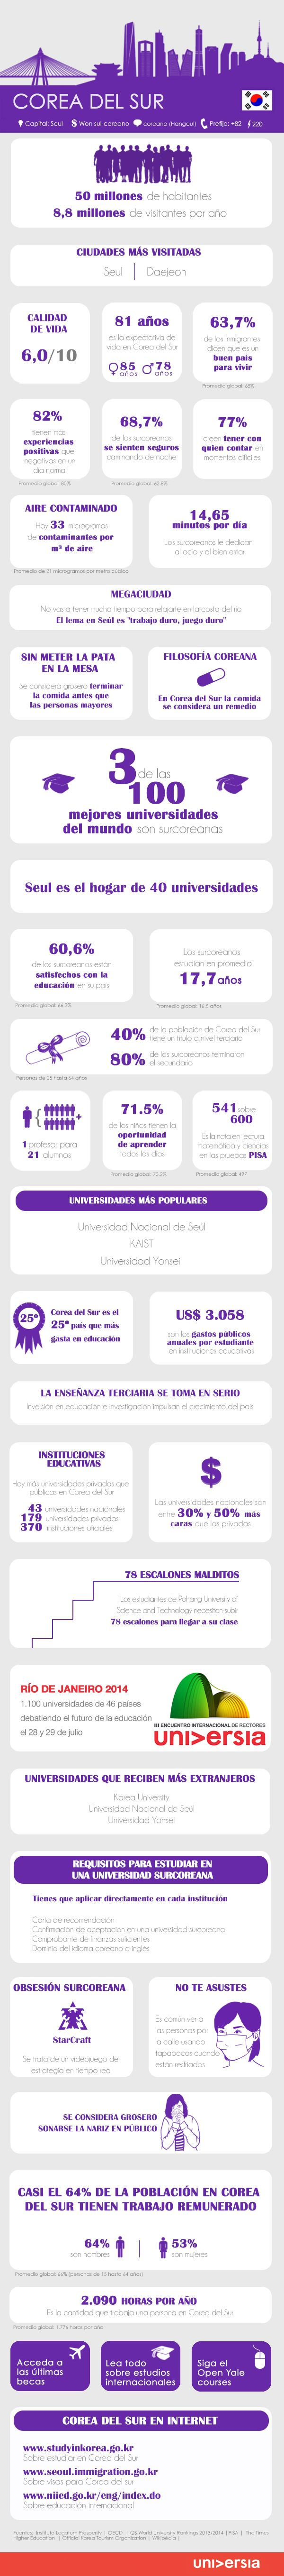 Infografía: 30 elementos a tener en cuenta antes de instalarte a trabajar o estudiar en Corea del Sur vía: http://noticias.universia.edu.uy